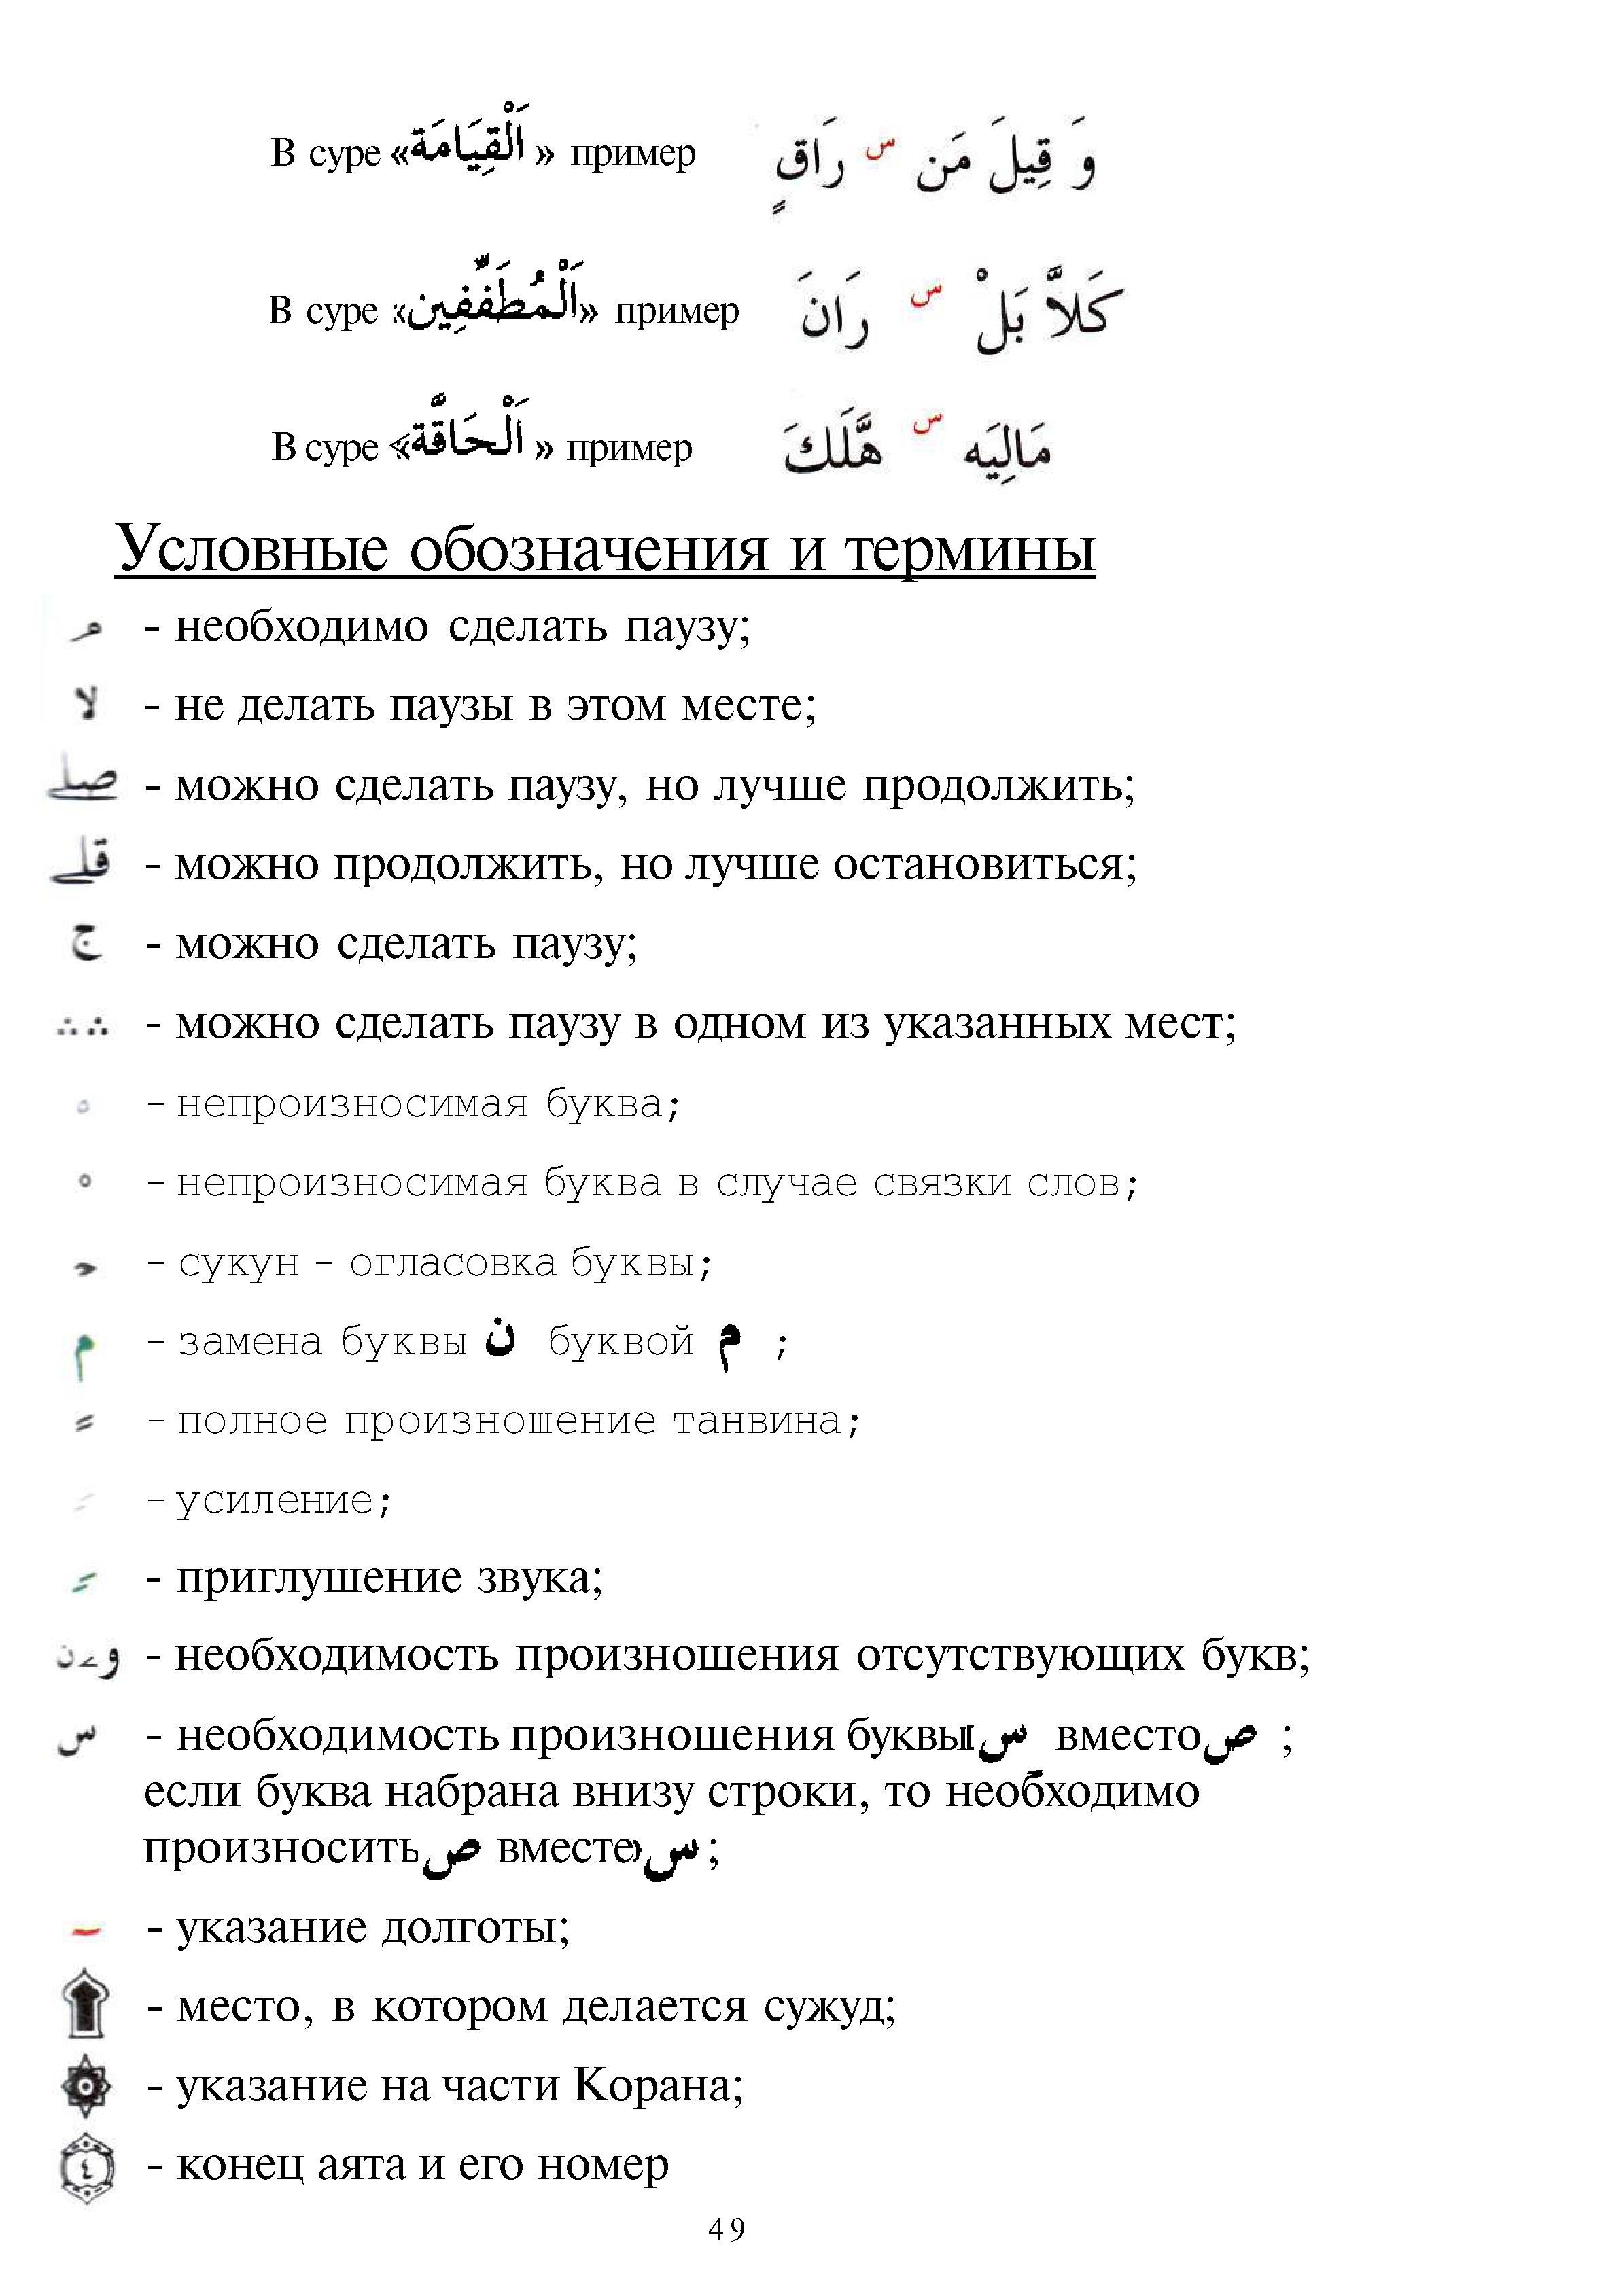 Знакомство С Условными Знаками В Чтении Корана